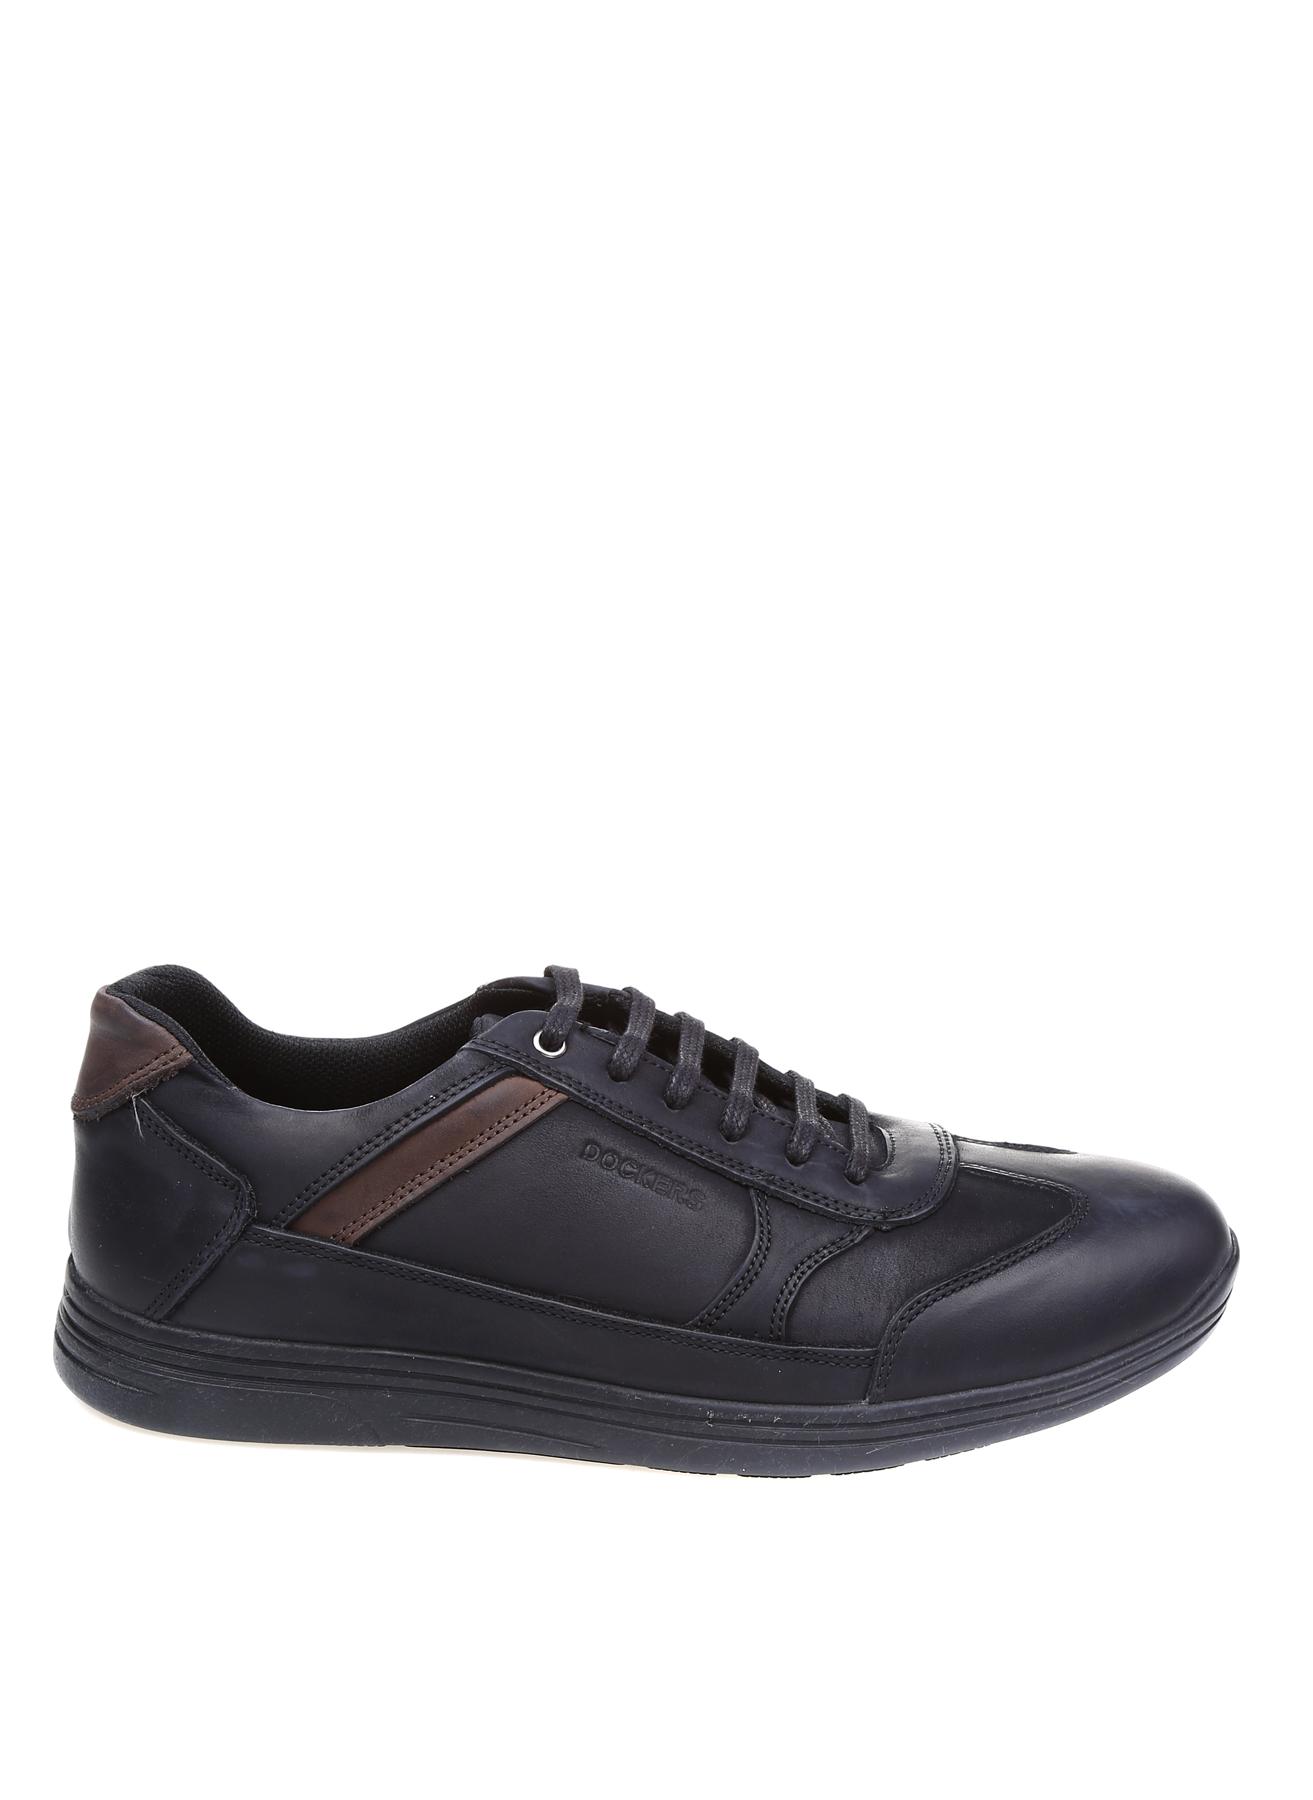 Dockers Günlük Ayakkabı 40 5001921389001 Ürün Resmi